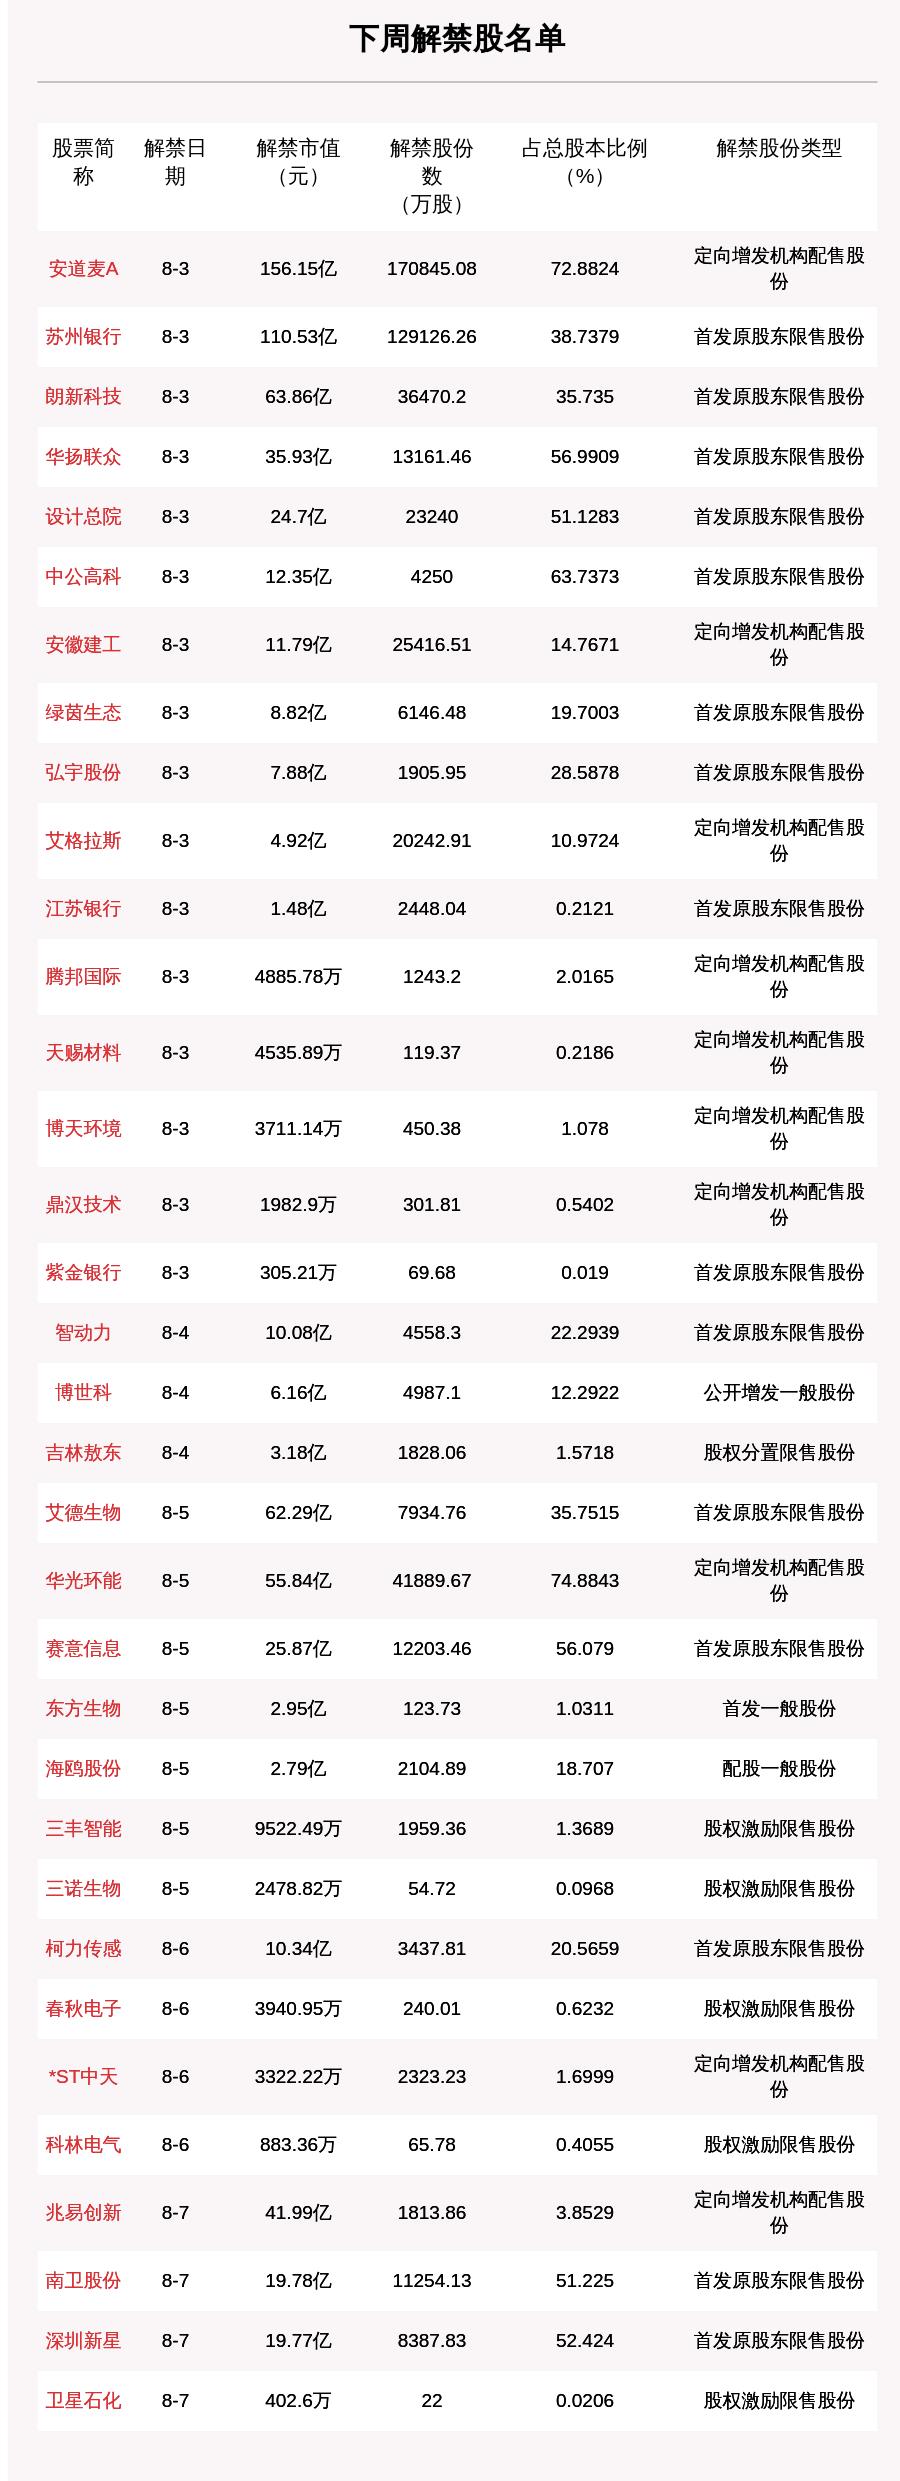 《下周54.06亿股限售股解禁,解禁市值达703.06亿,安道麦A、苏州银行解禁市值超百亿(附名单)》